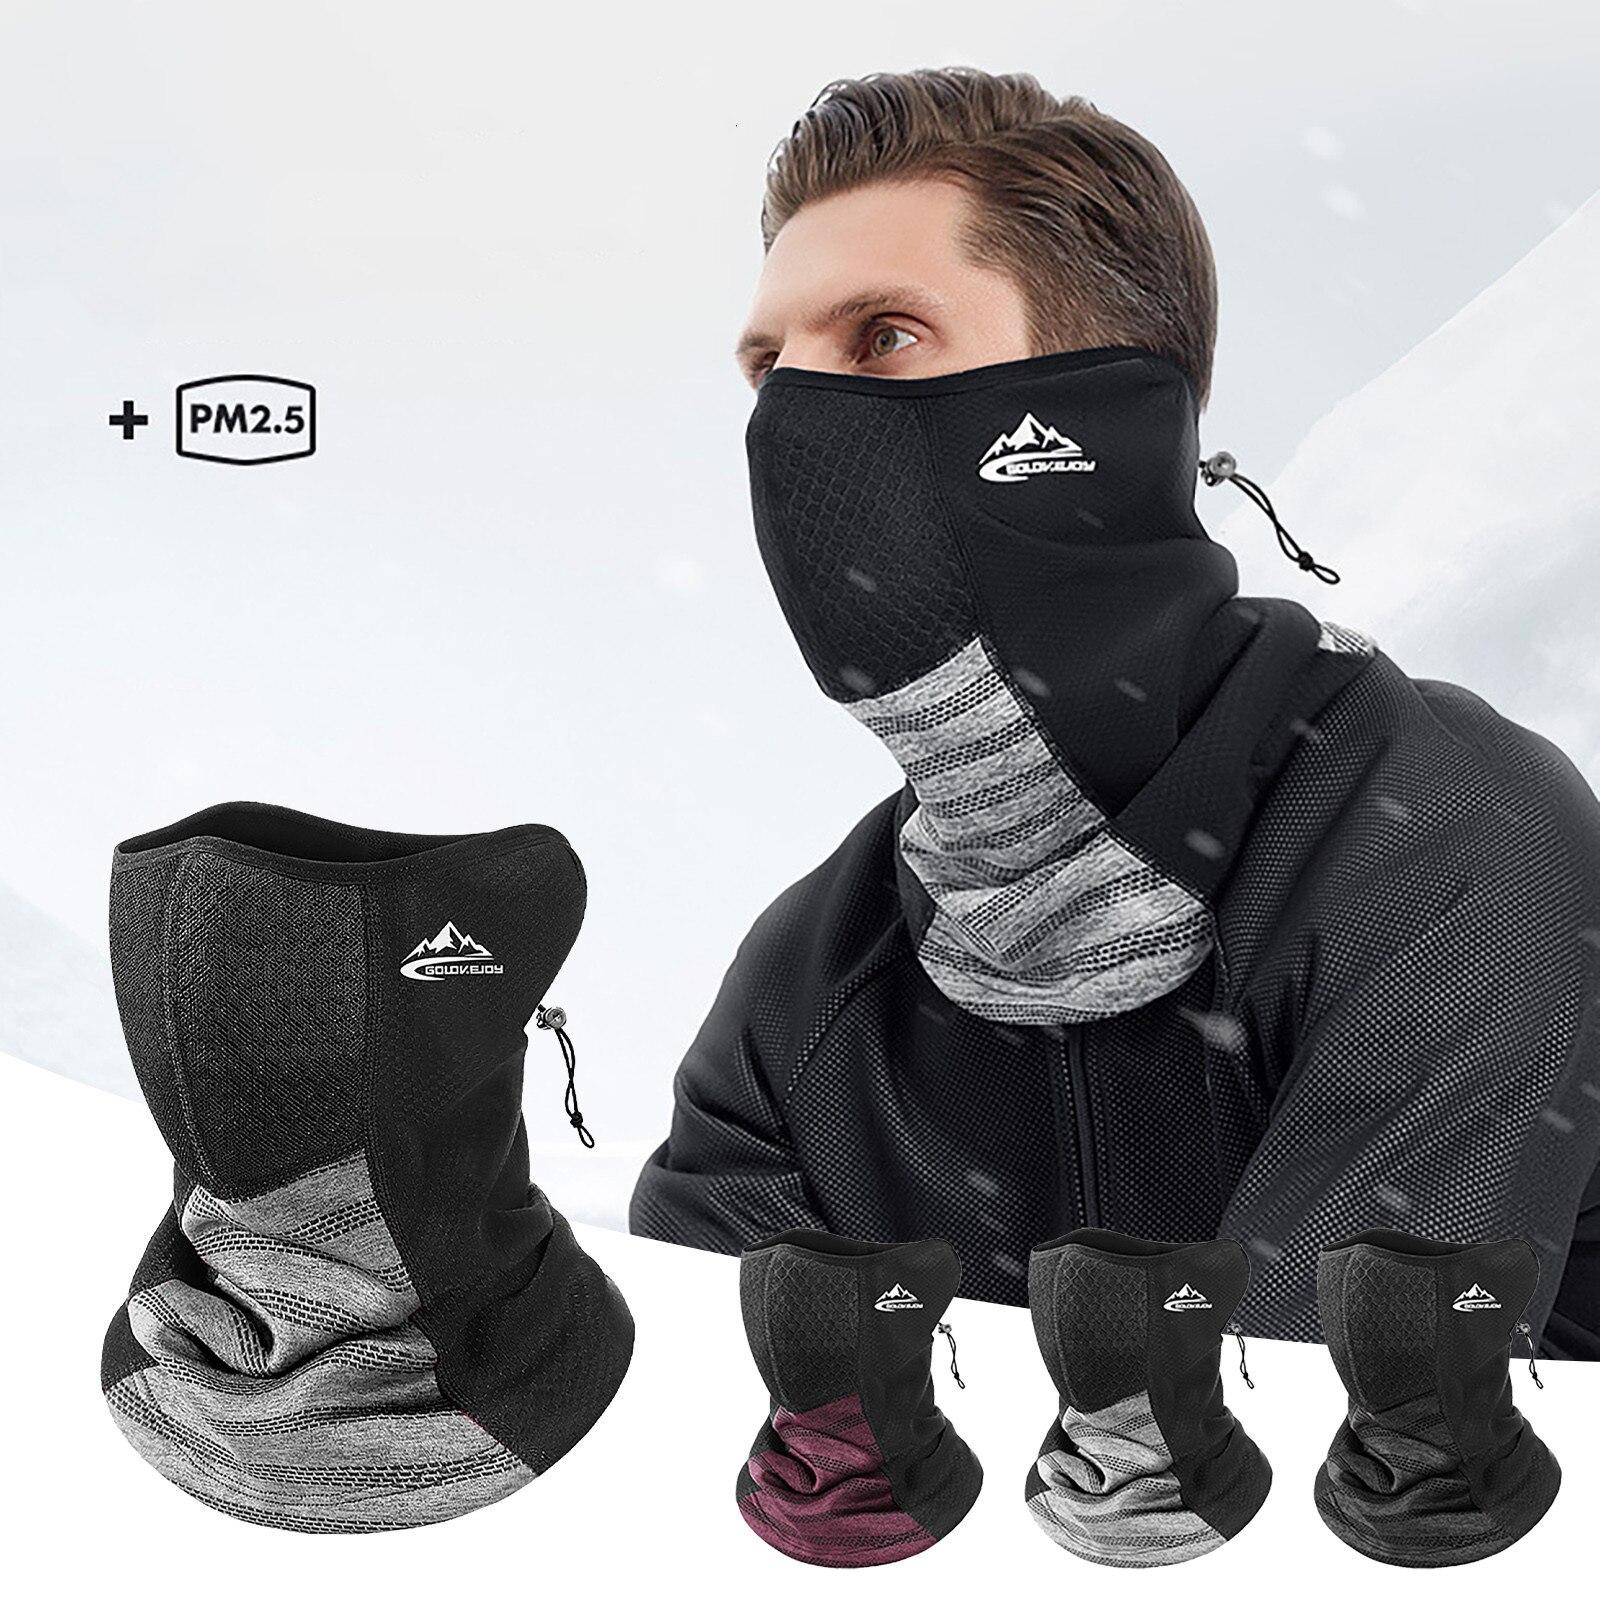 Взрослая велосипедная маска для лица, лыжная маска для холодной погоды, ветрозащитная дышащая маска для лица с фильтром, уличная маска